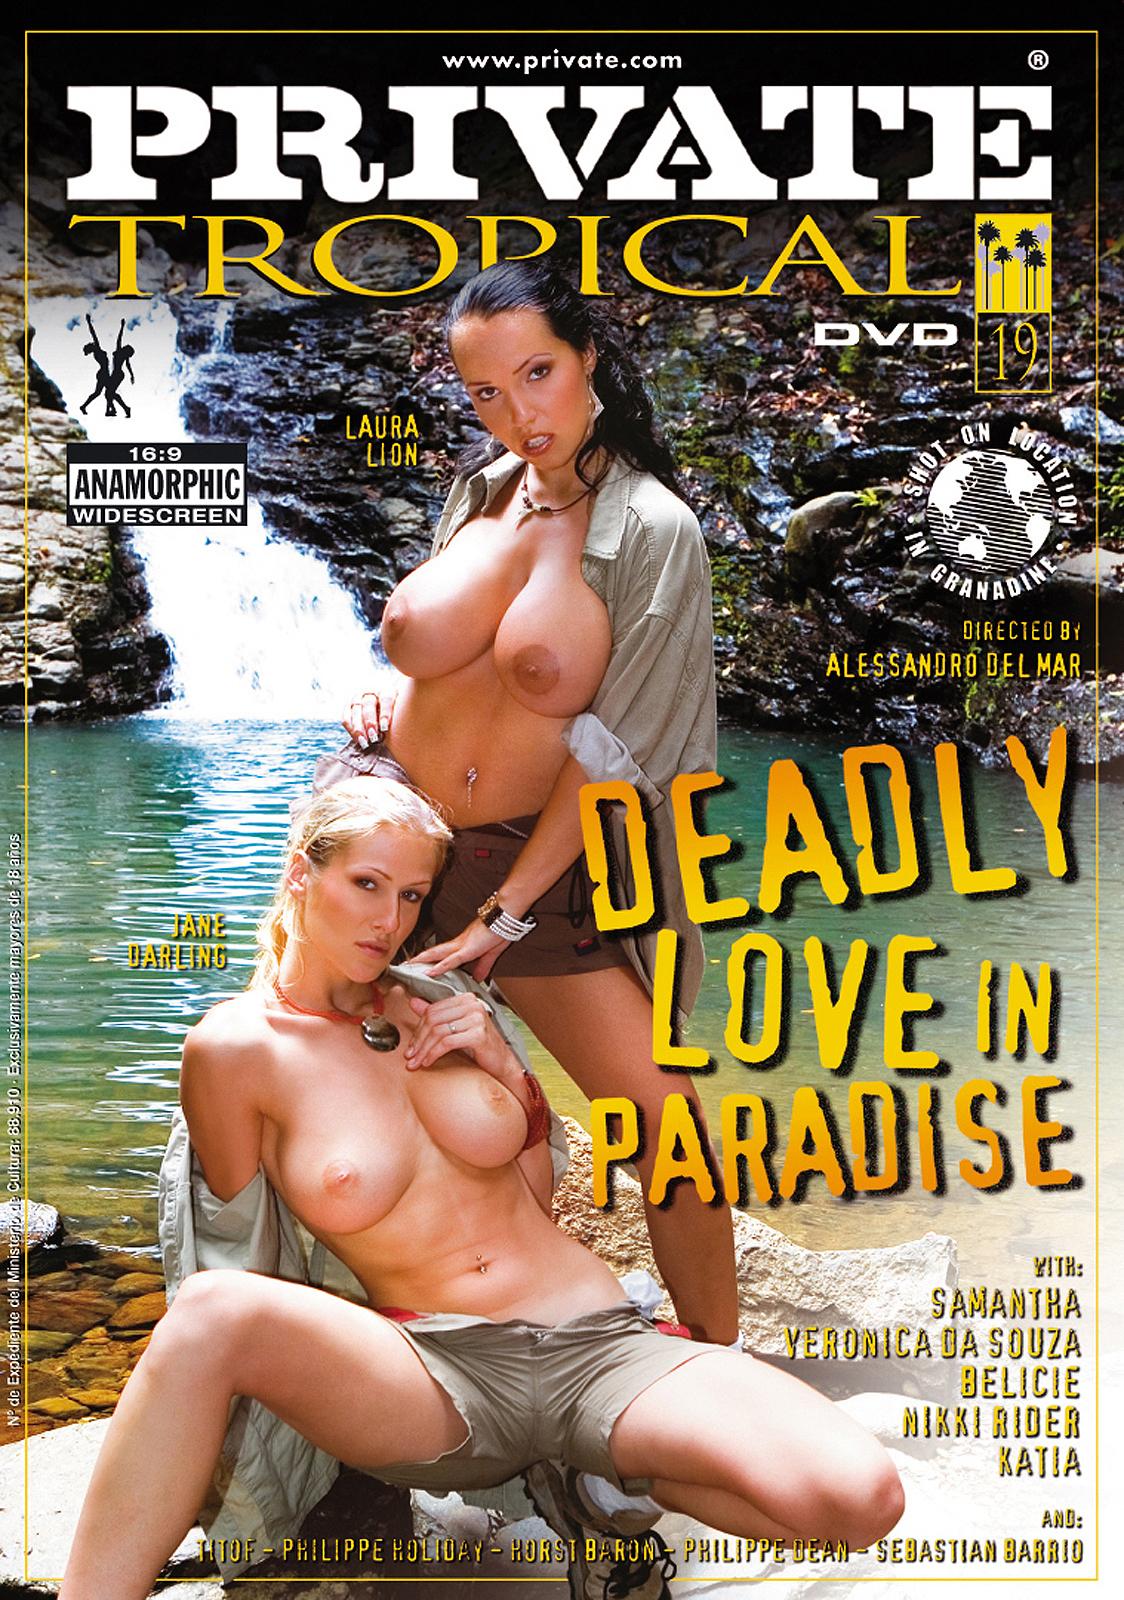 Смотреть порно фильмы серии private